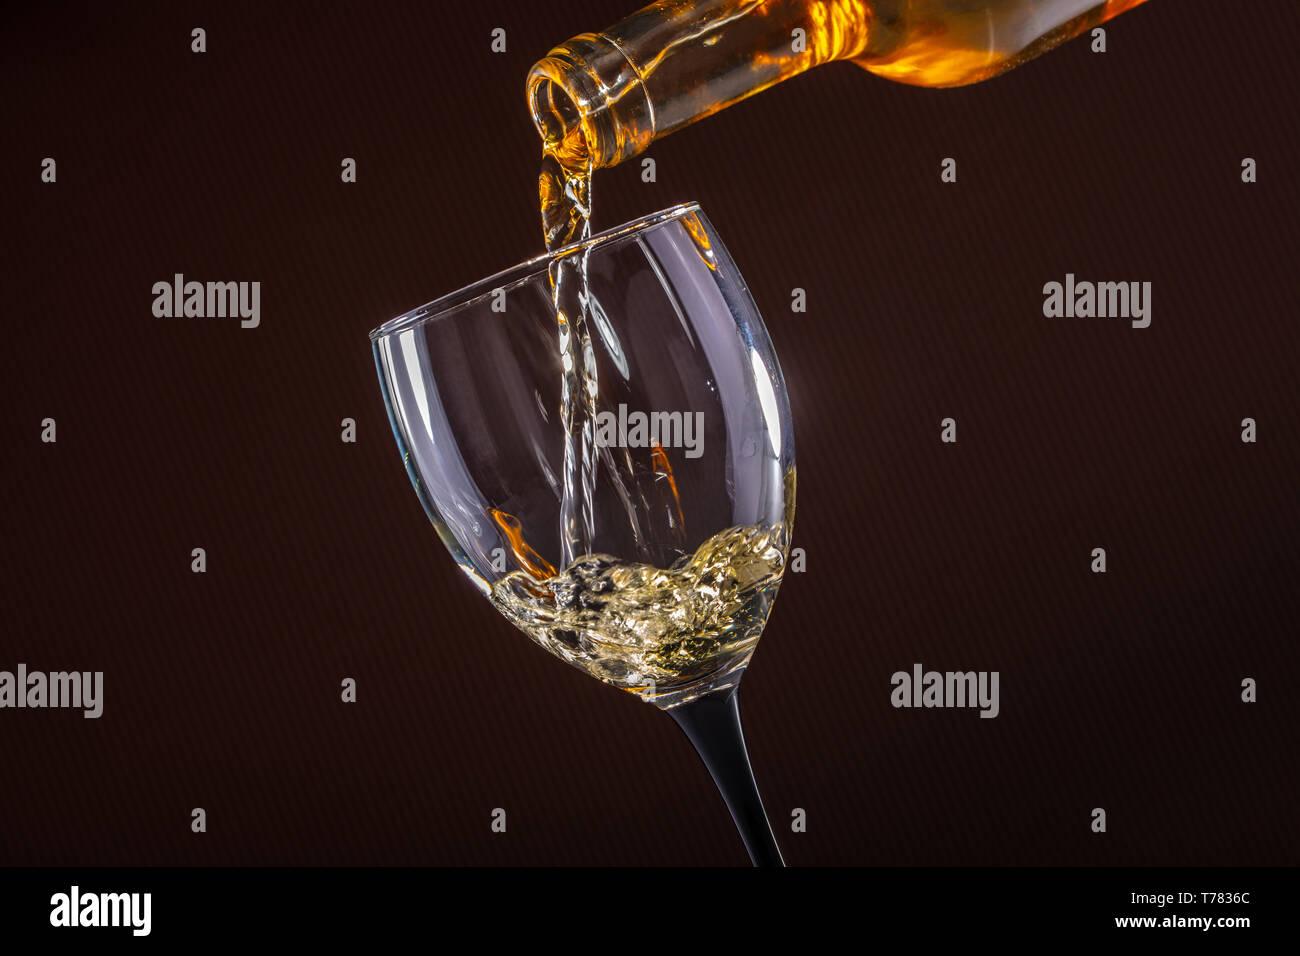 Weißwein gießen Glas auf braunem Hintergrund Stockfoto